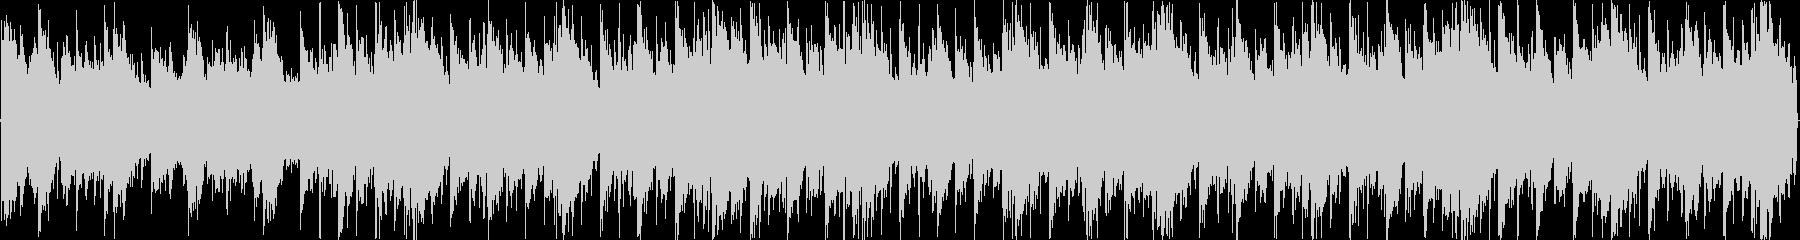 緊迫感のあるデジタルサウンド_脱出_推理の未再生の波形